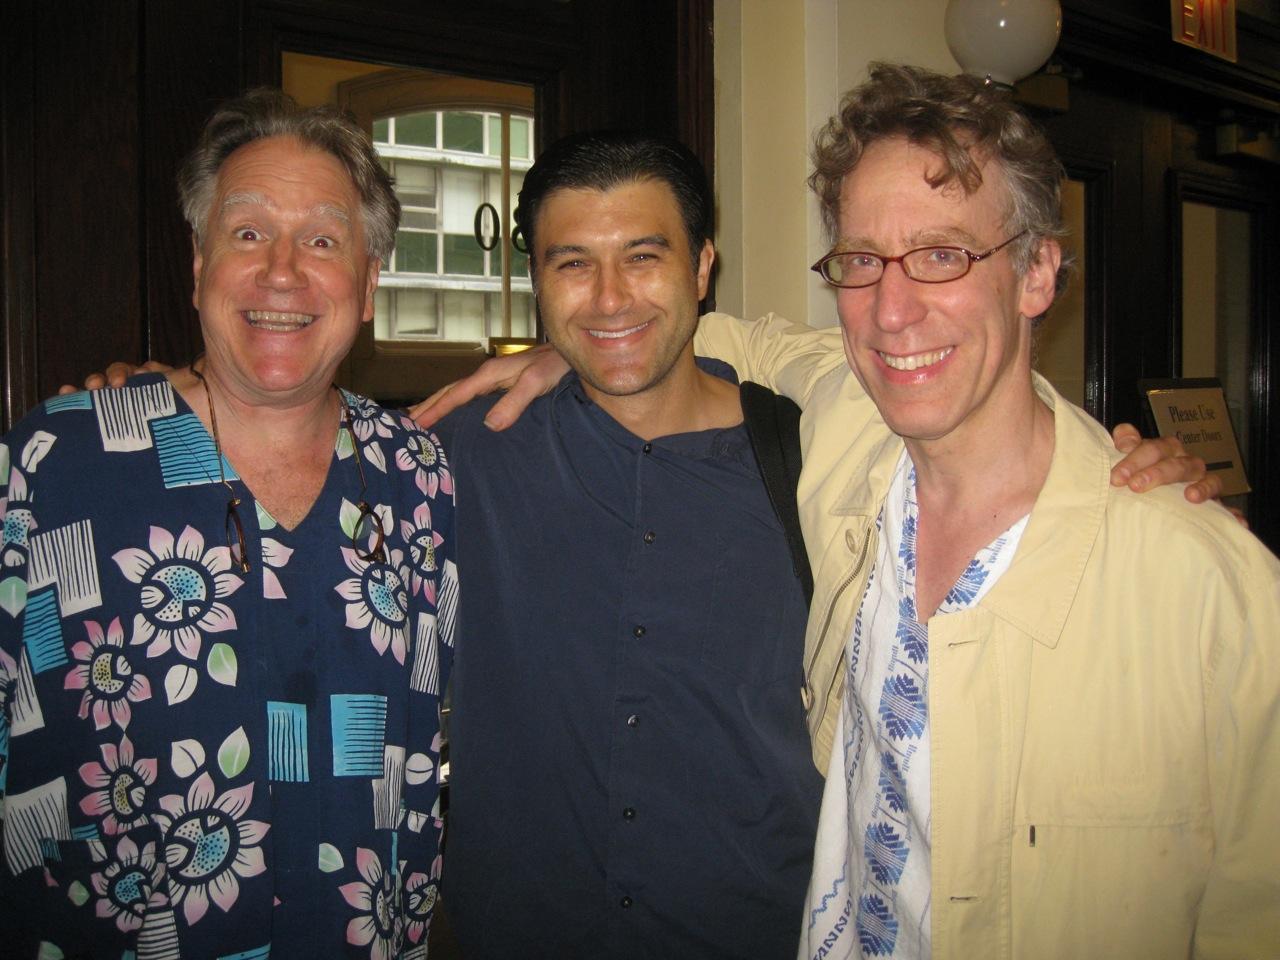 Ben with Leo Garcia and Eliot Fisk